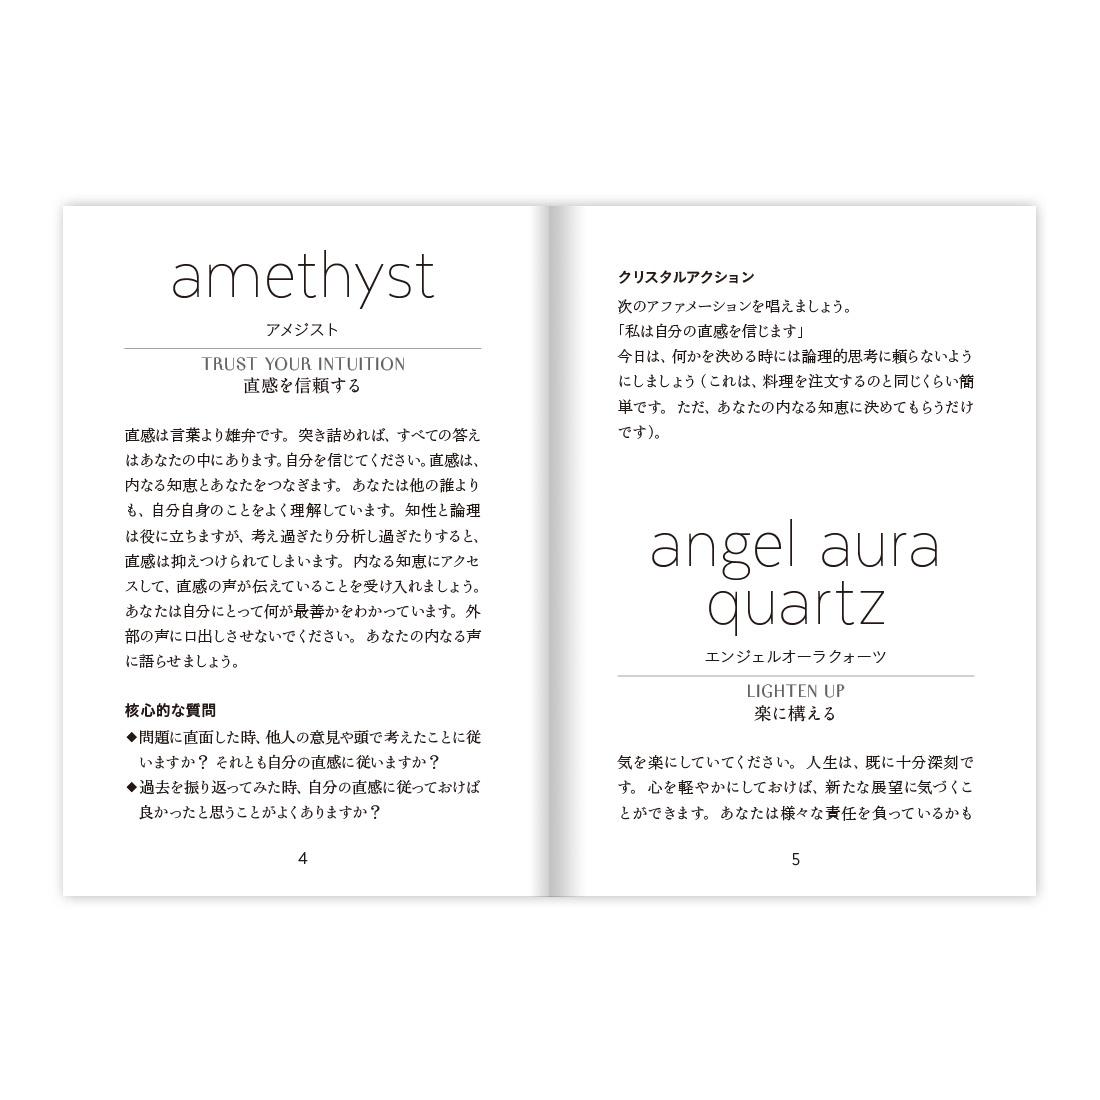 【初回限定特典付き】デイリークリスタルインスピレーション